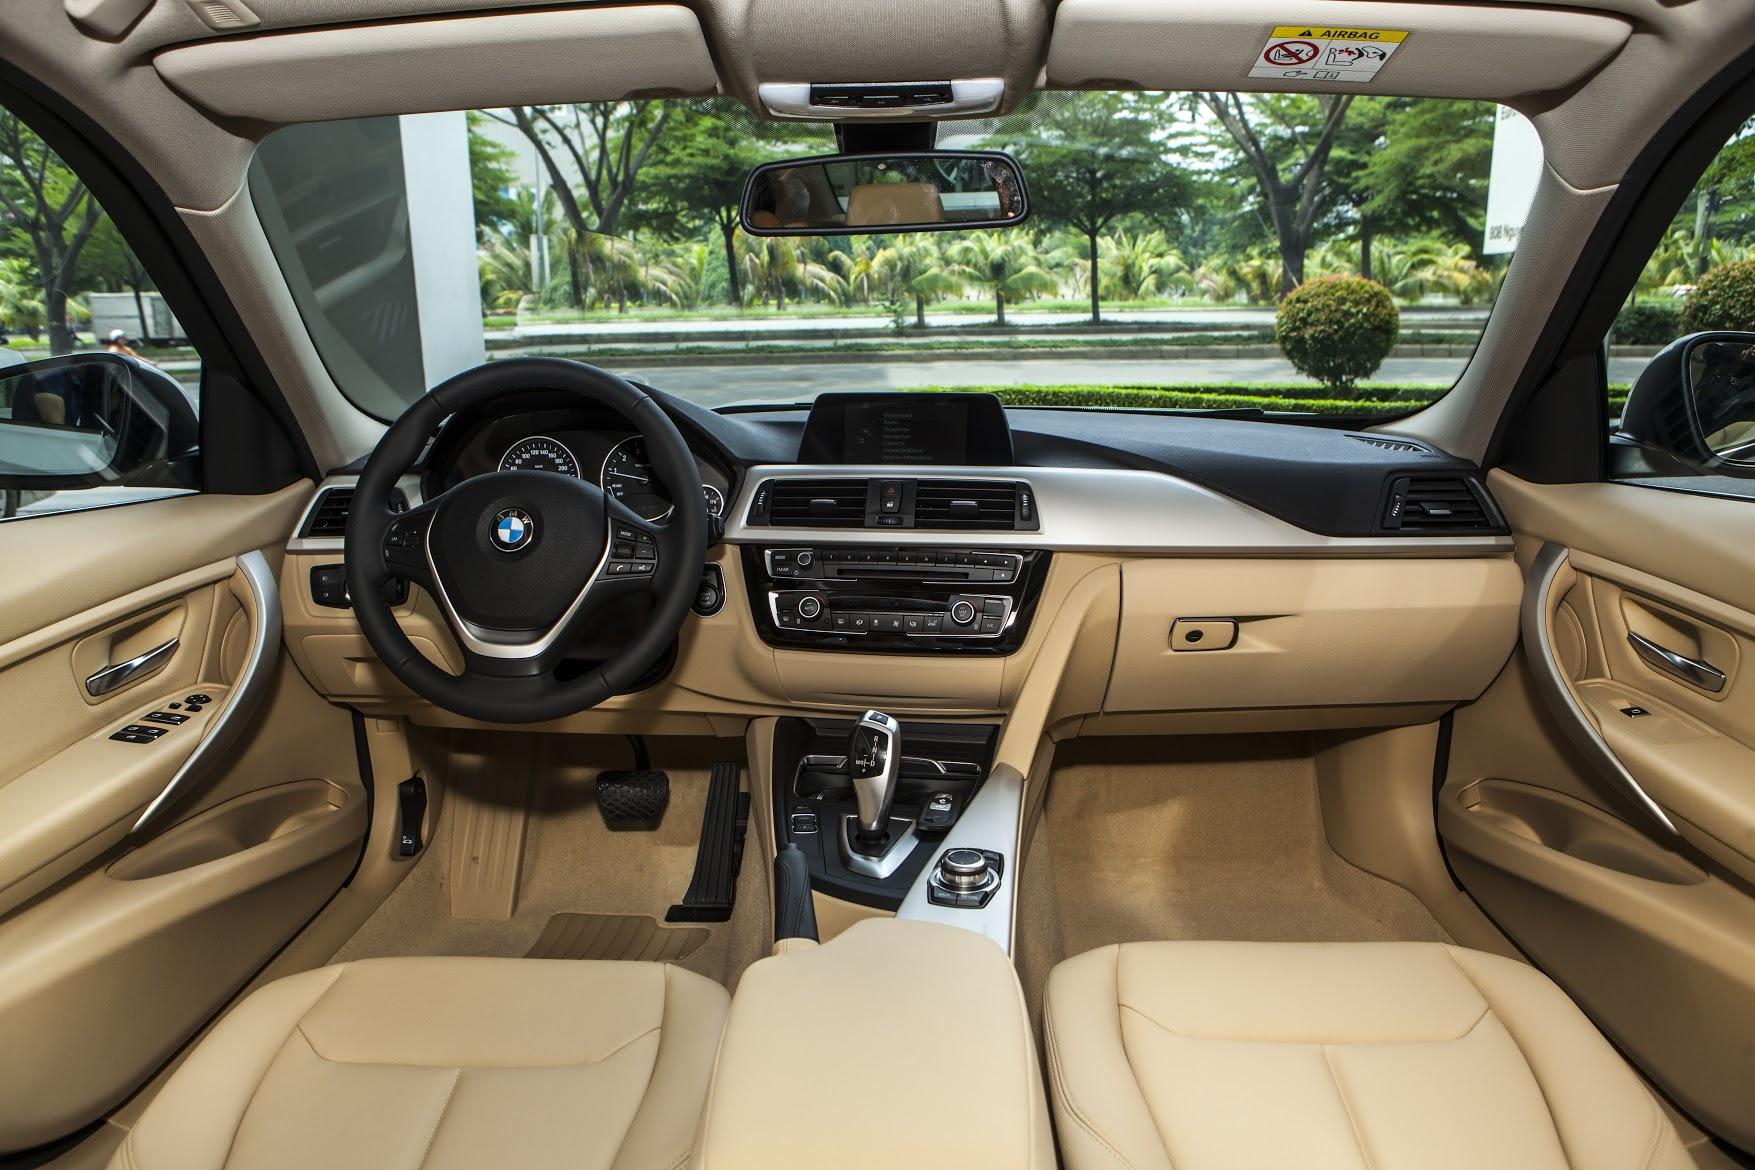 Nội thất bên trong BMW 320i mang lại cảm giác lịch sự, trang trọng.